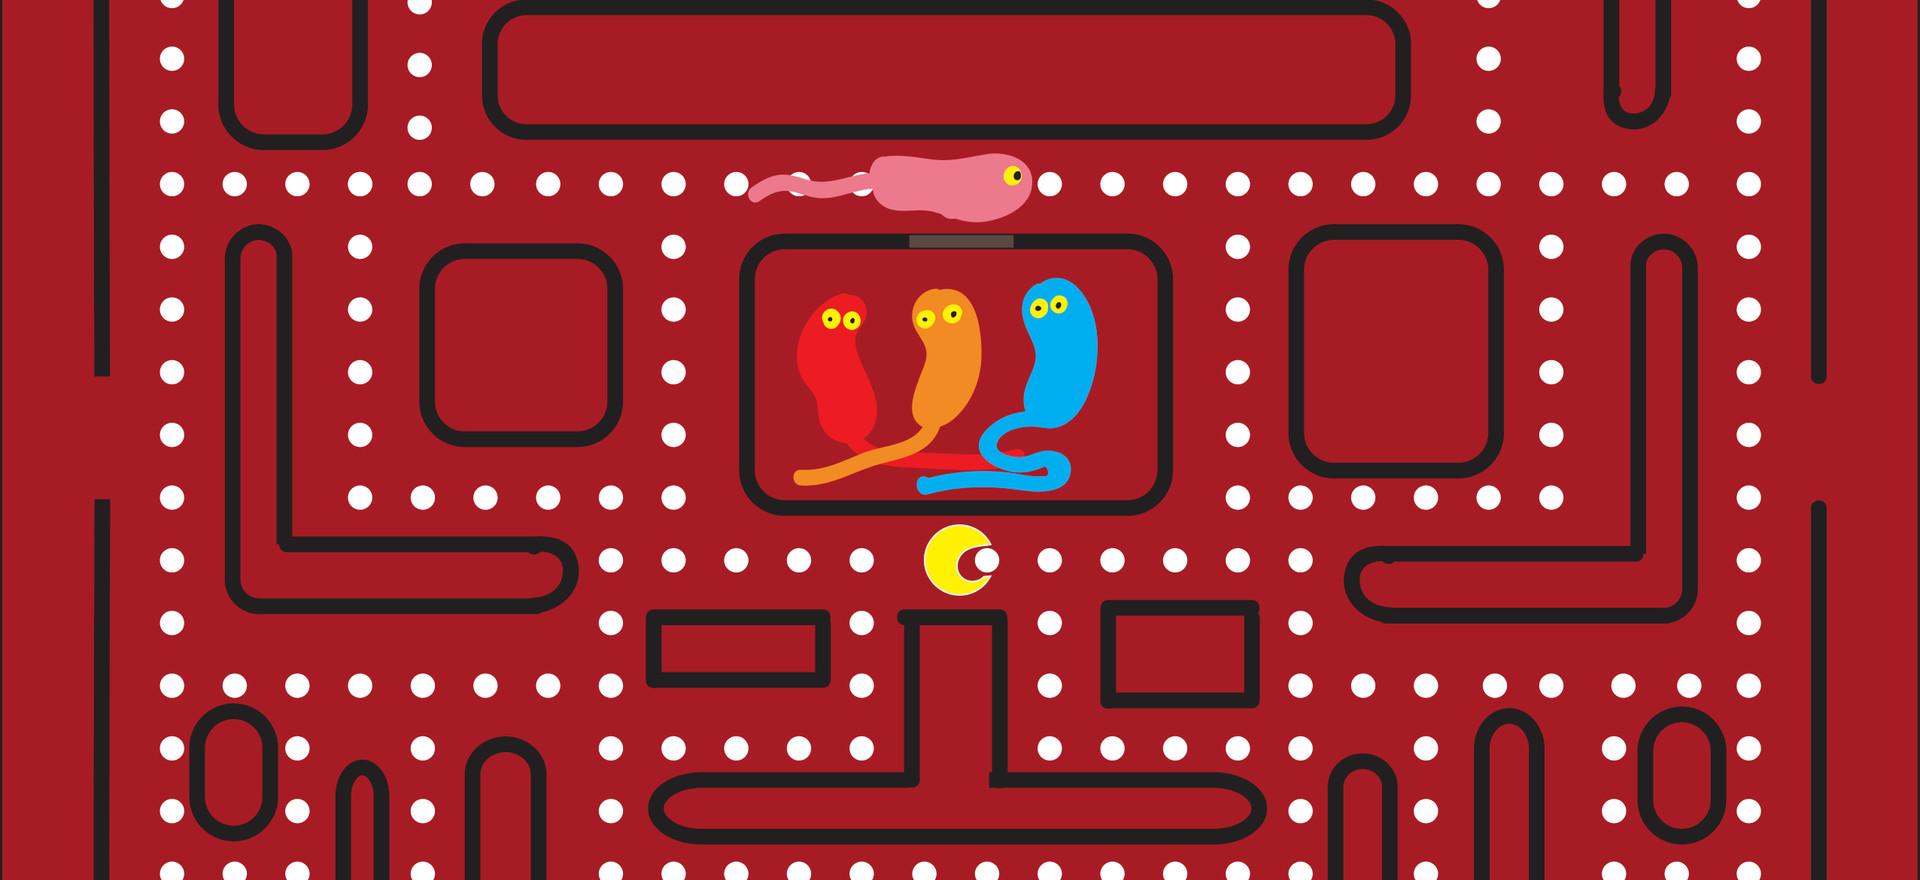 Pac-man Germ FIghter